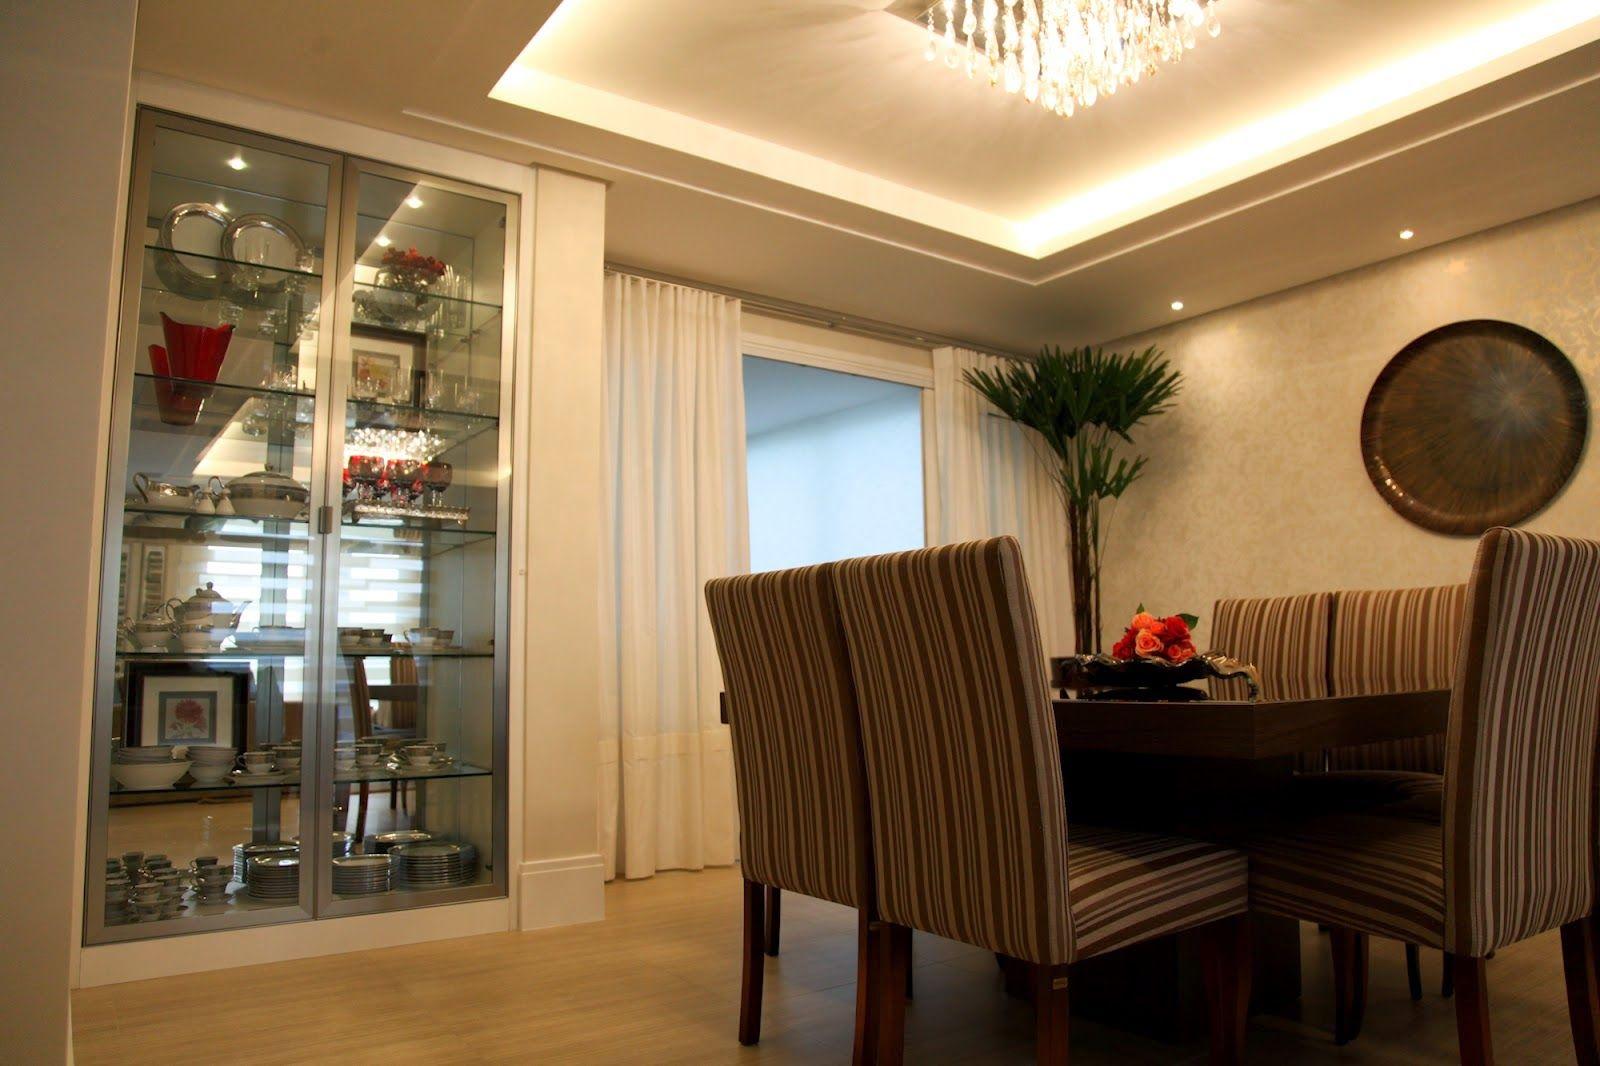 Sala de jantar decorada lustre embutido monocale for Apartamentos modernos decorados